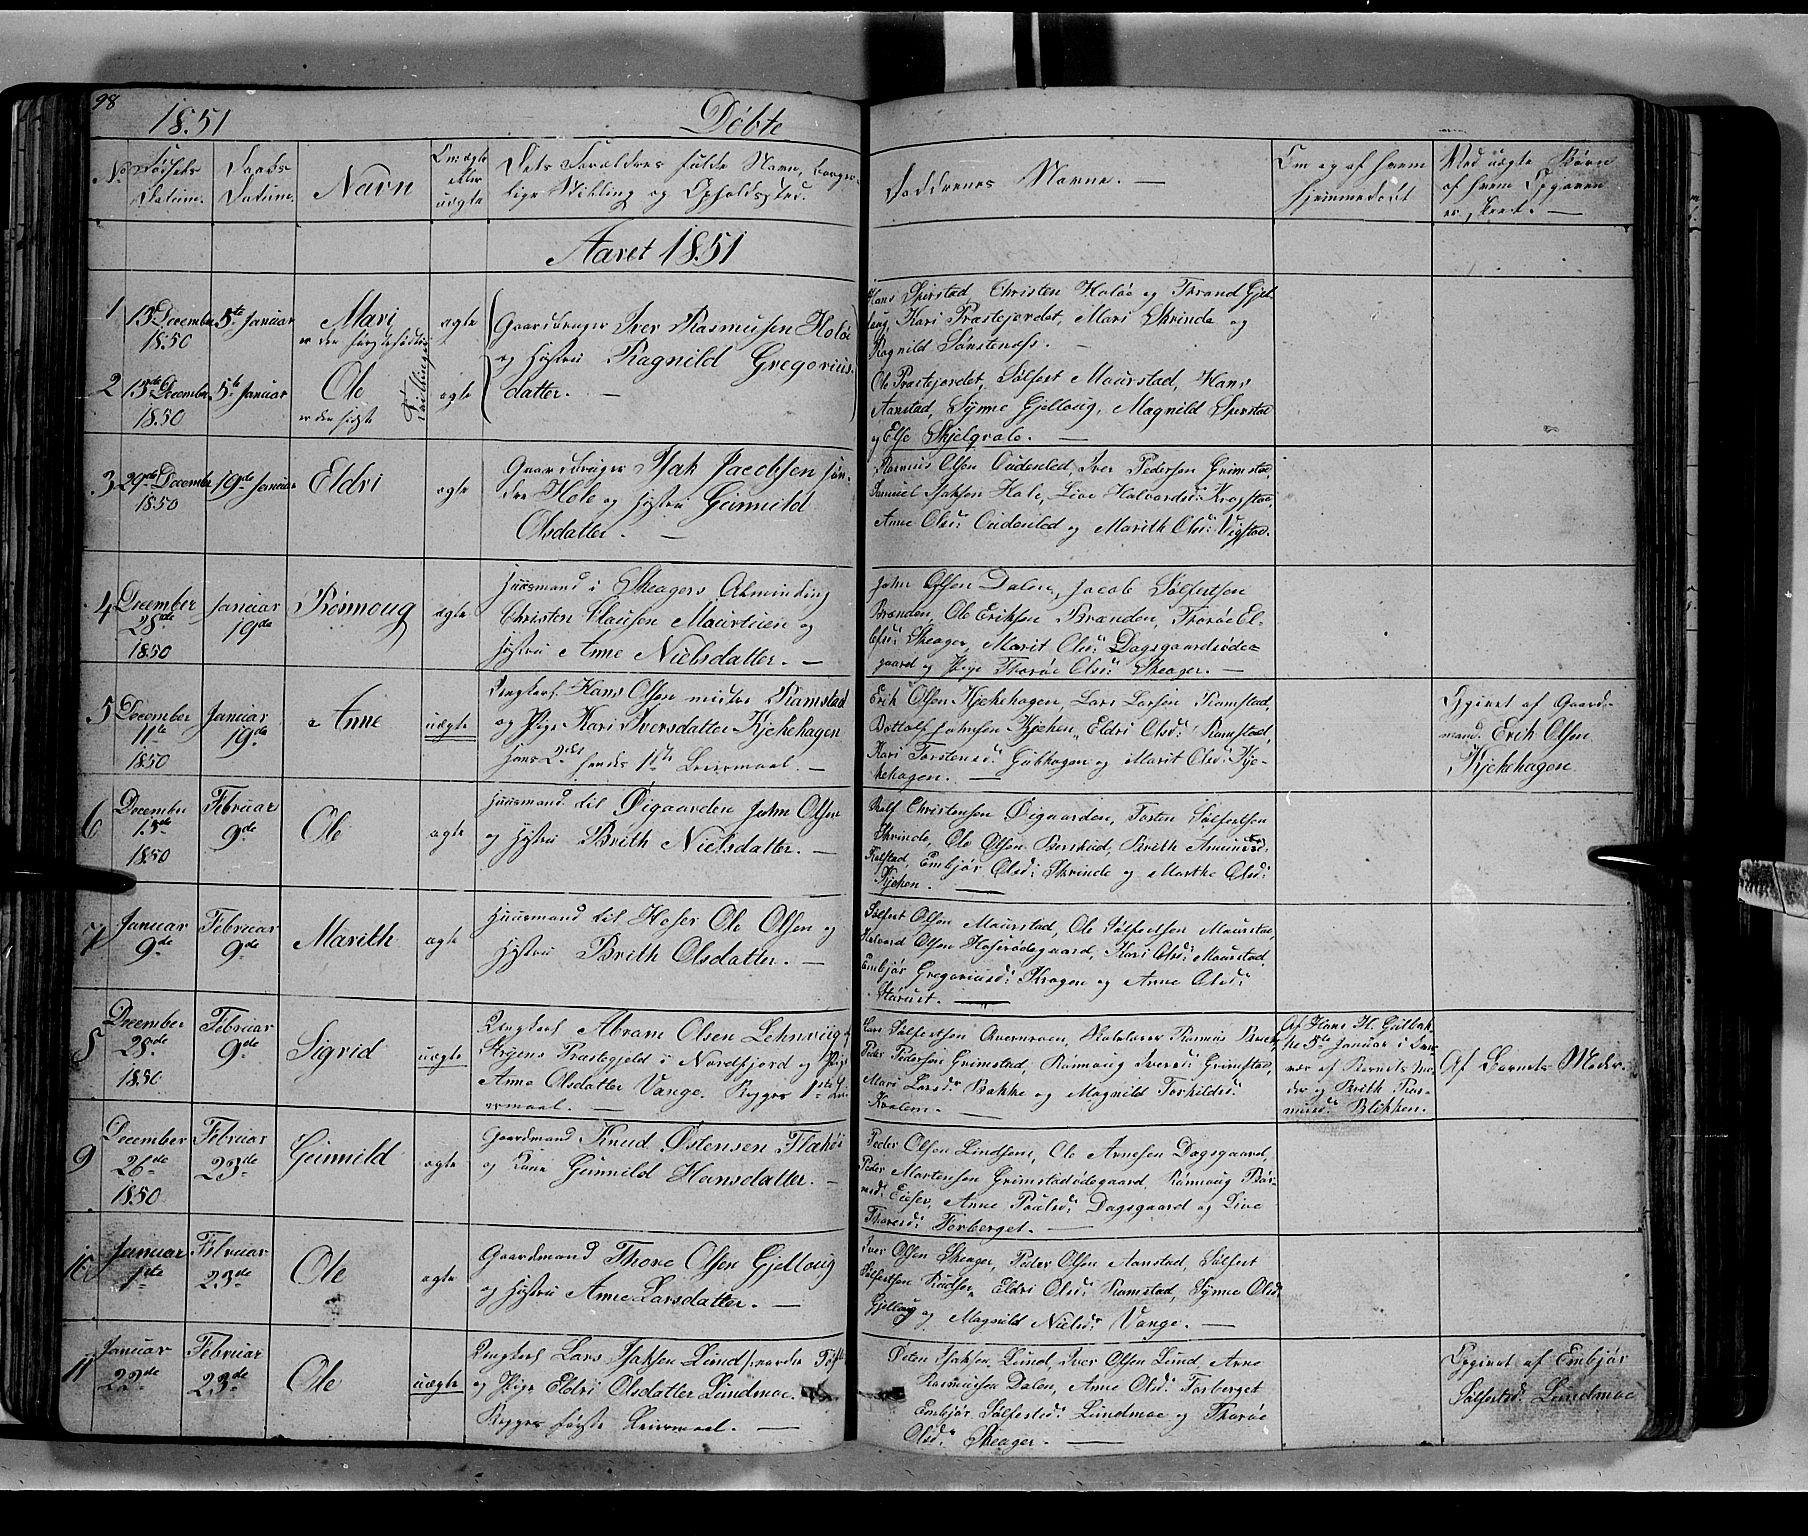 SAH, Lom prestekontor, L/L0004: Klokkerbok nr. 4, 1845-1864, s. 98-99